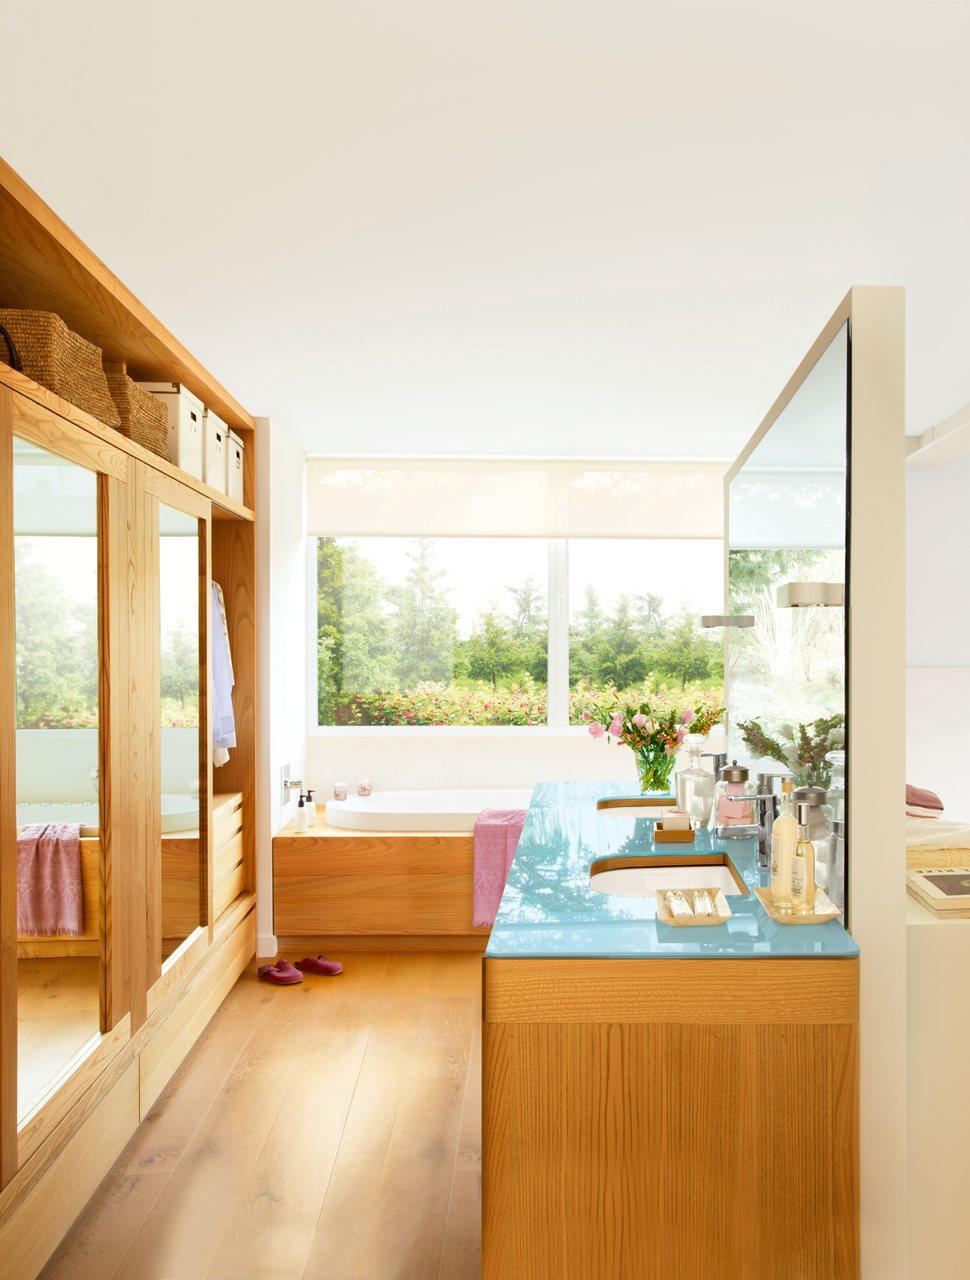 Baño Con Vestidor Medidas:Anterior Con la calidez de la madera Baño con zona de aguas en